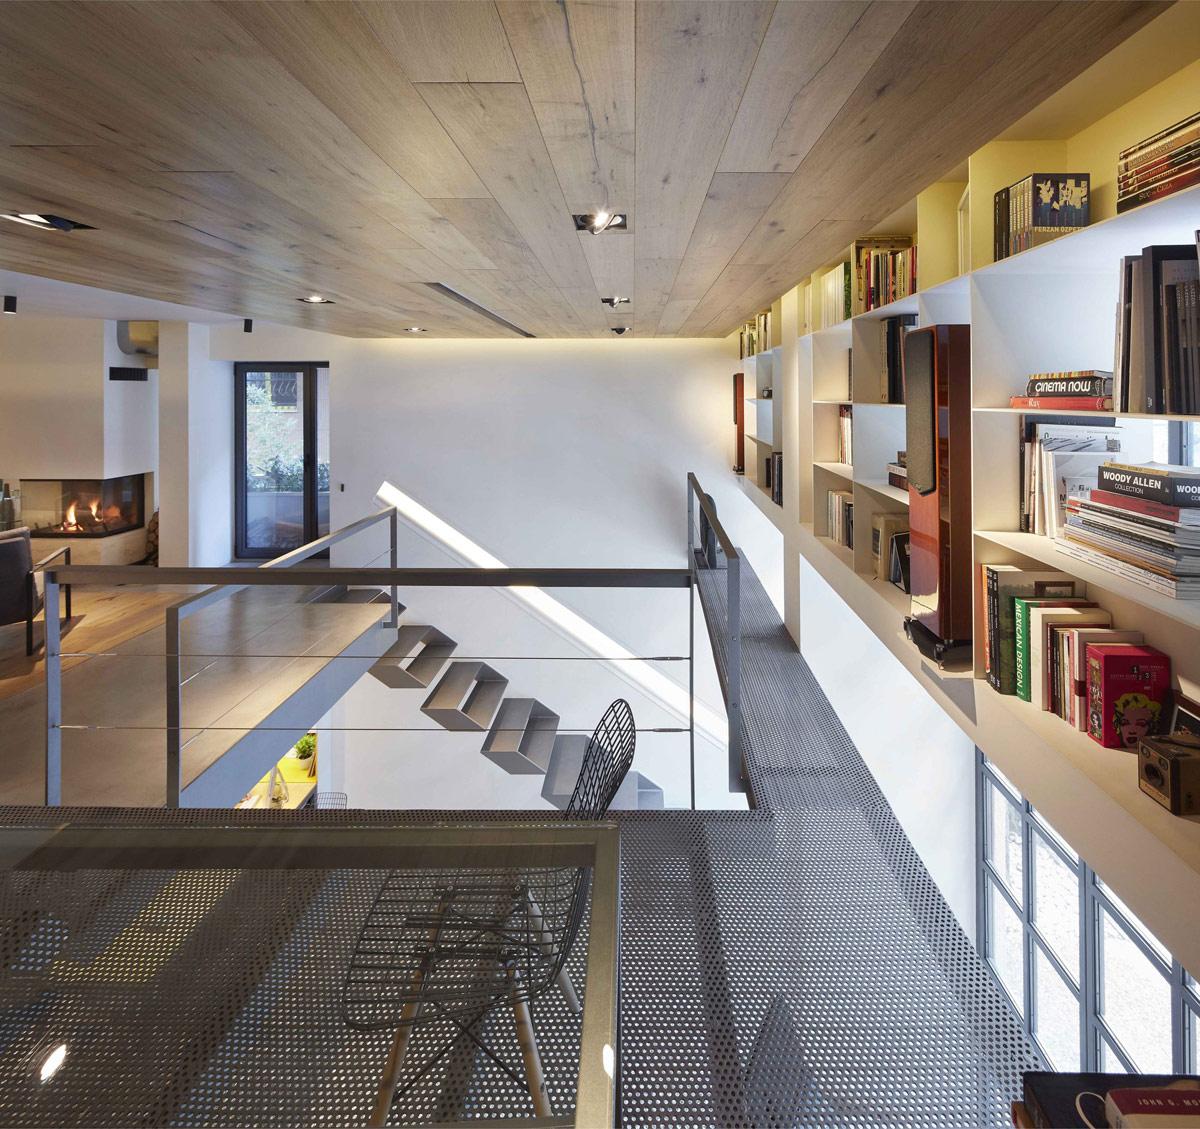 3 в 1: Фотообзор лофта, дома и художественной галереи